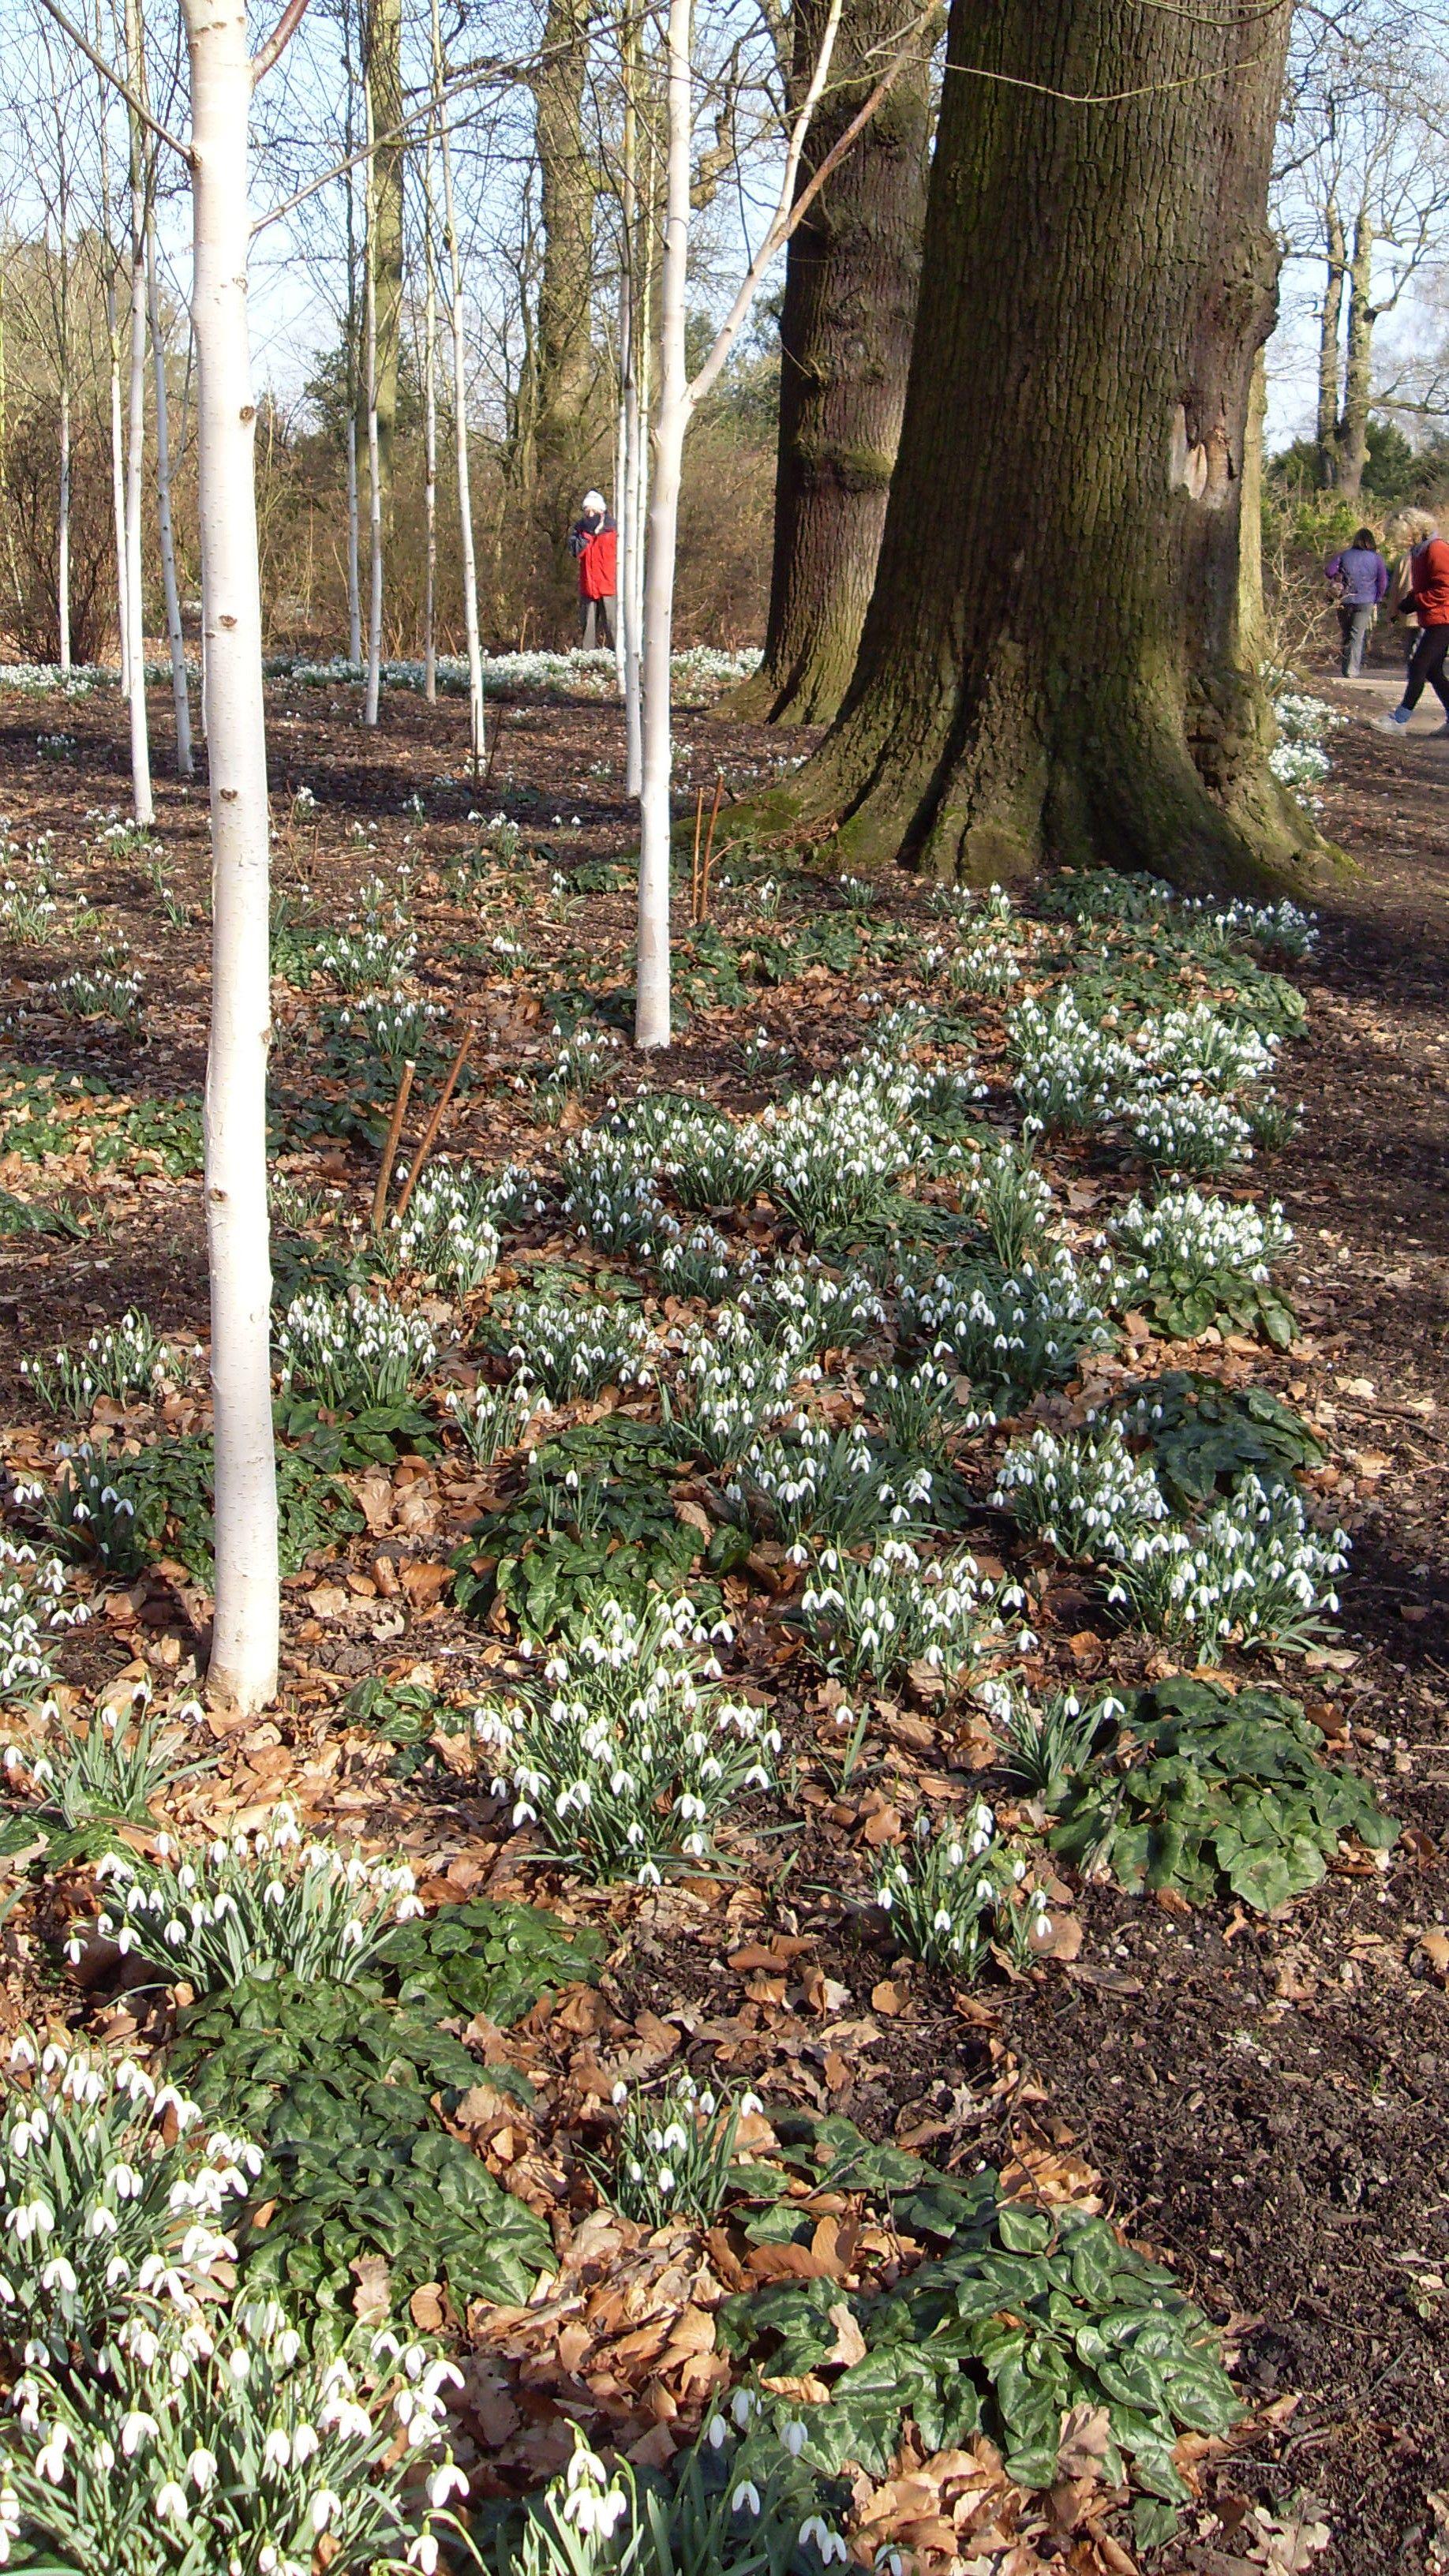 dunham massey winter garden snow drops will be out soon